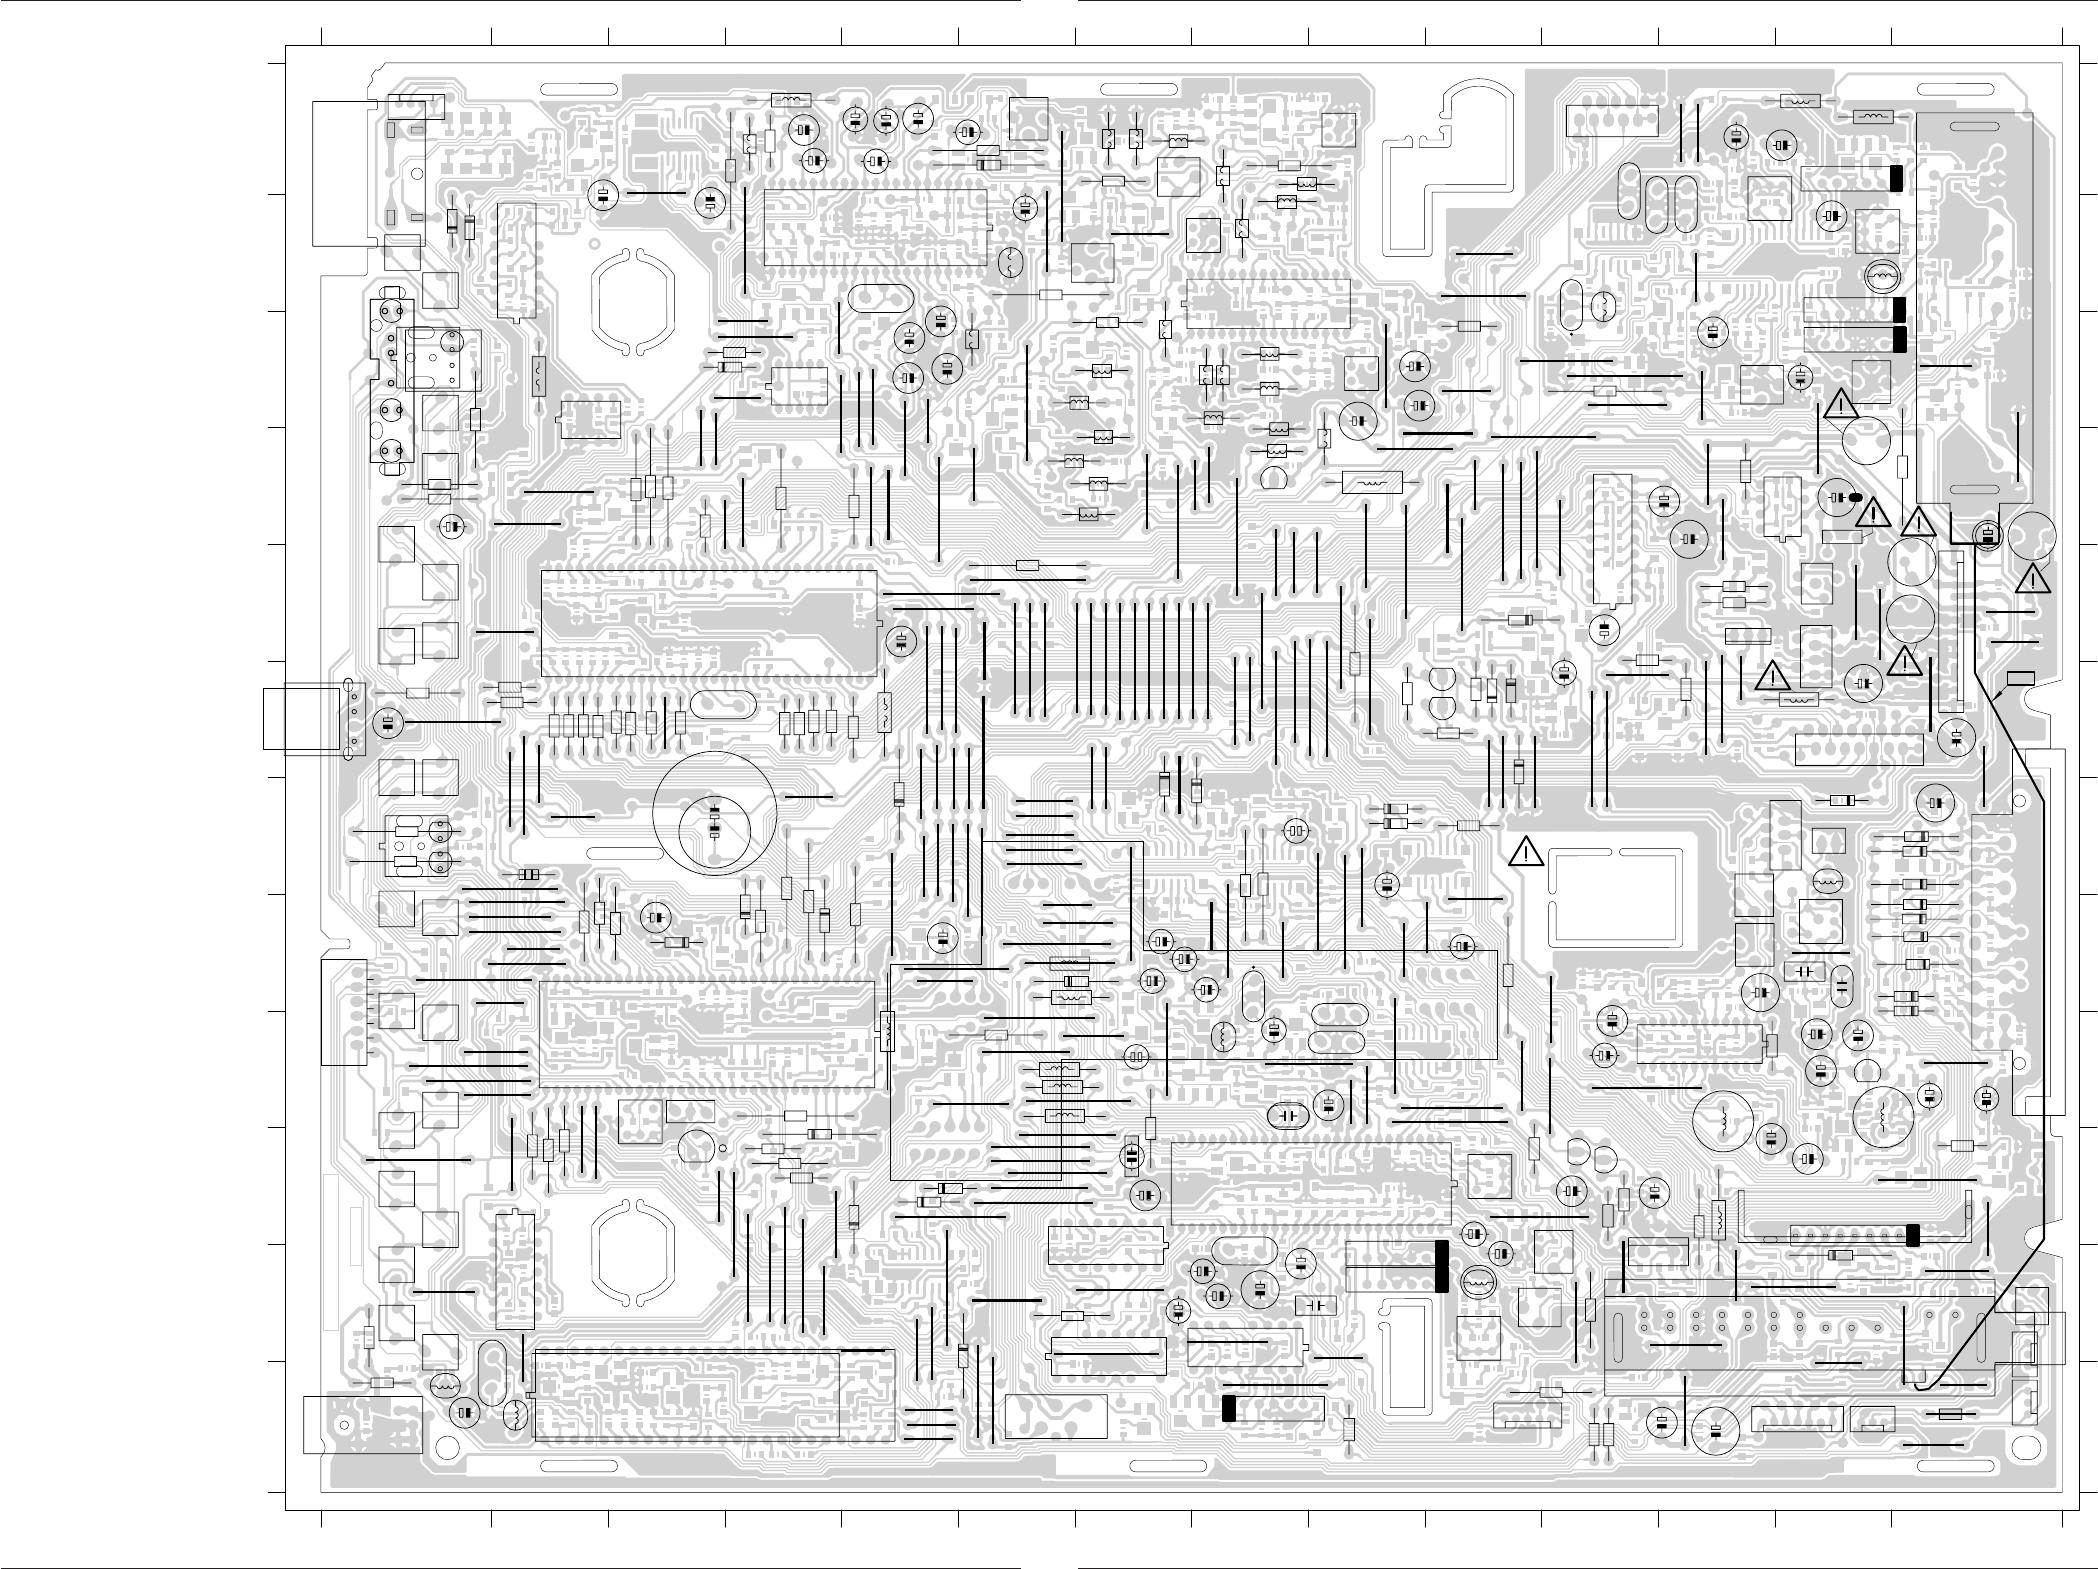 Ziemlich 80 Steckdose Schaltplan Bild Ideen Bilder - Der Schaltplan ...